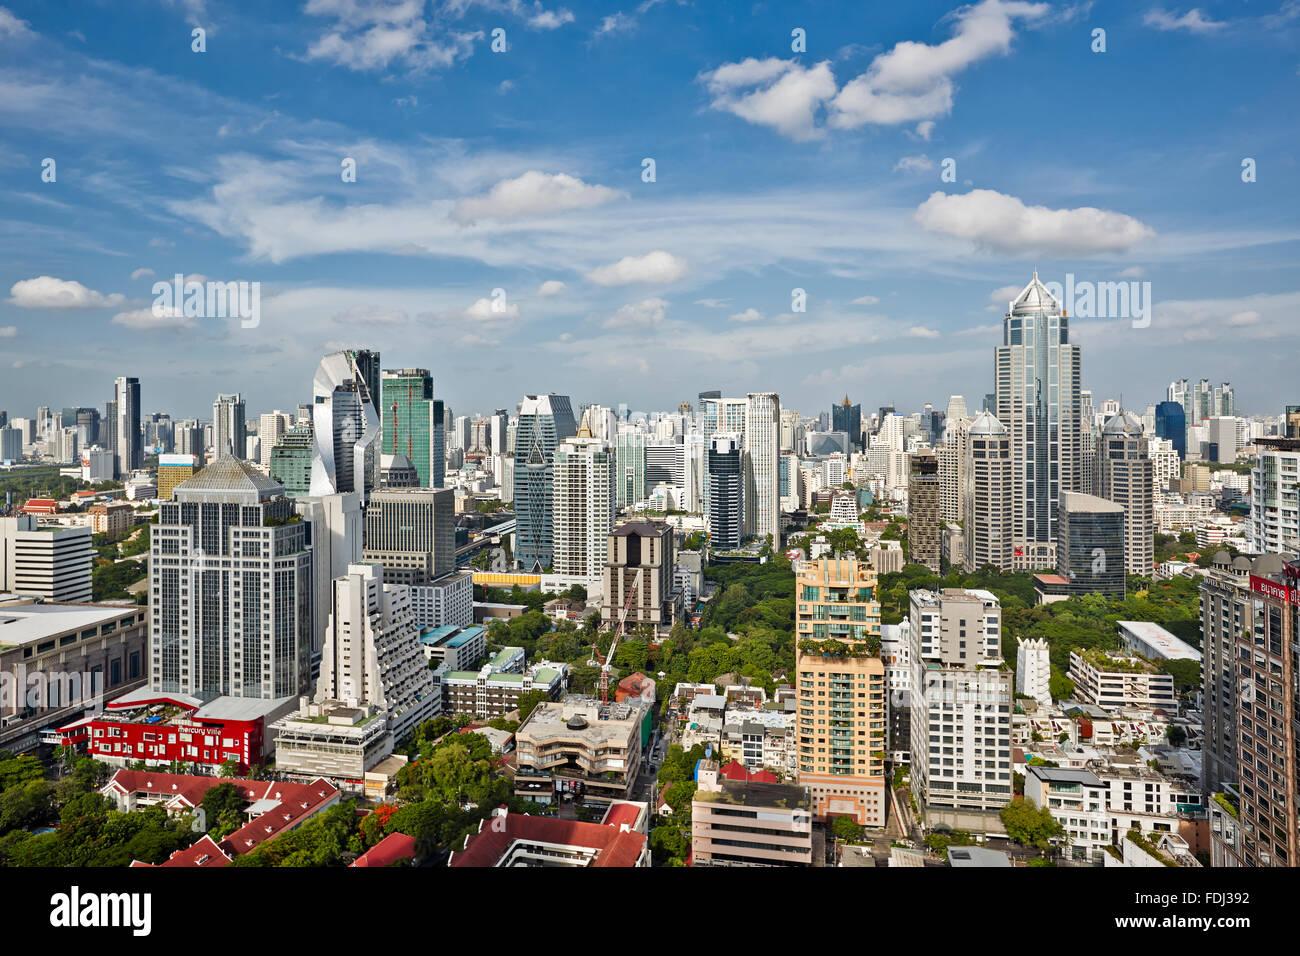 Vista in elevazione dei moderni edifici ad alta nella parte centrale di Bangkok, Tailandia. Immagini Stock